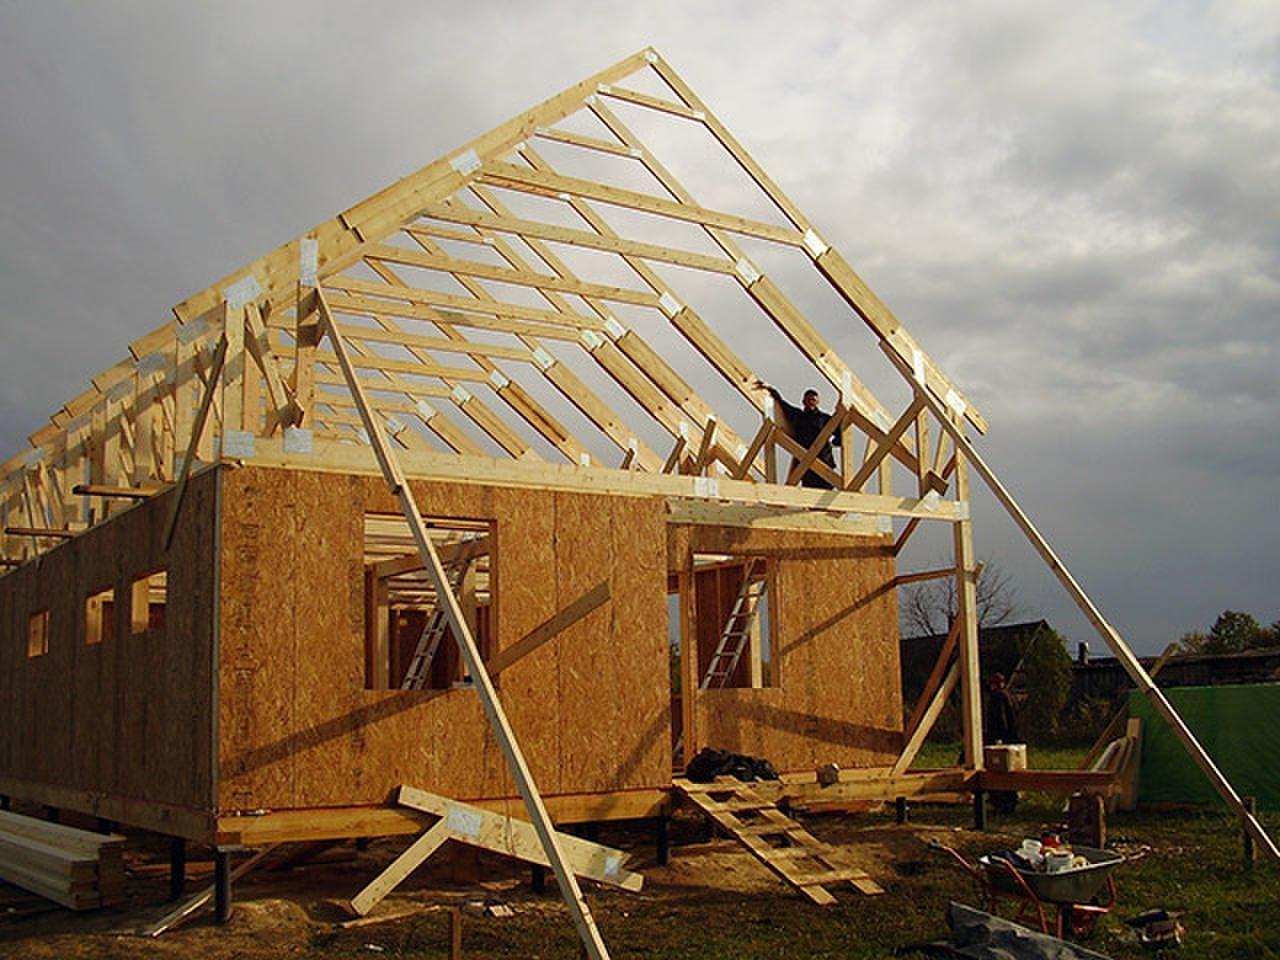 Каркасный дом своими руками : пошаговая инструкция сборки с фото 56